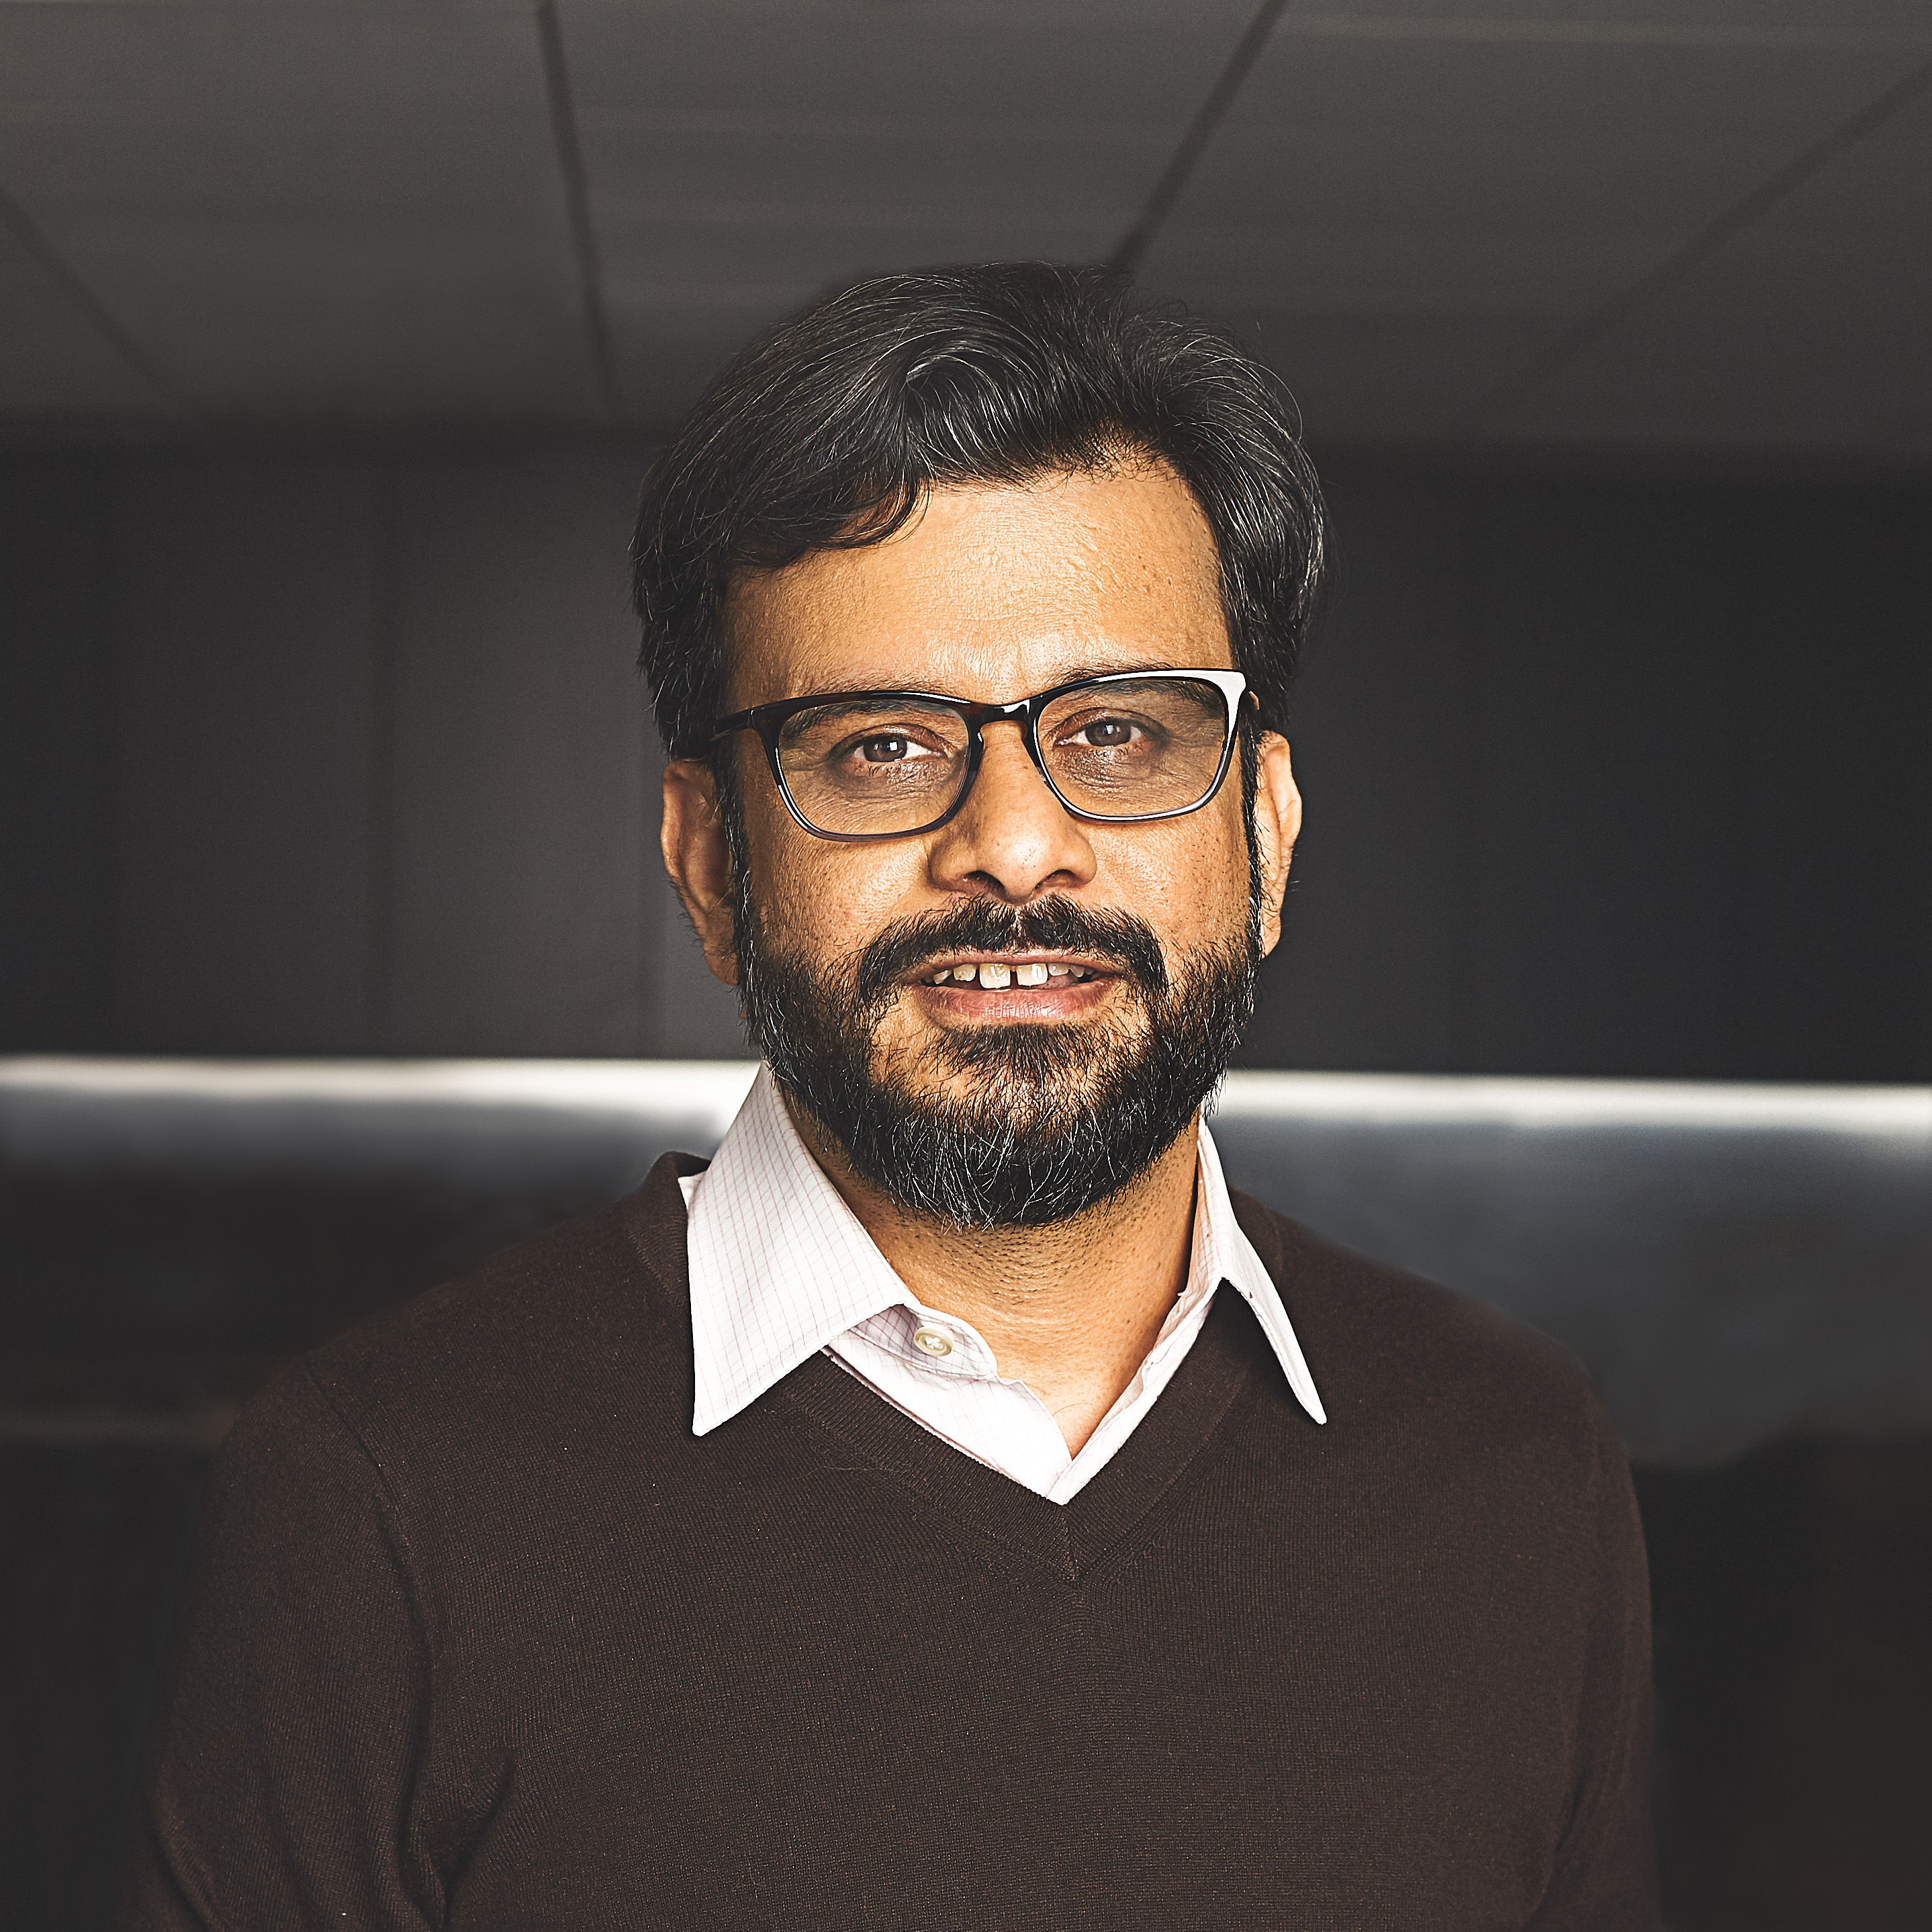 Vivek Vaidya Headshot